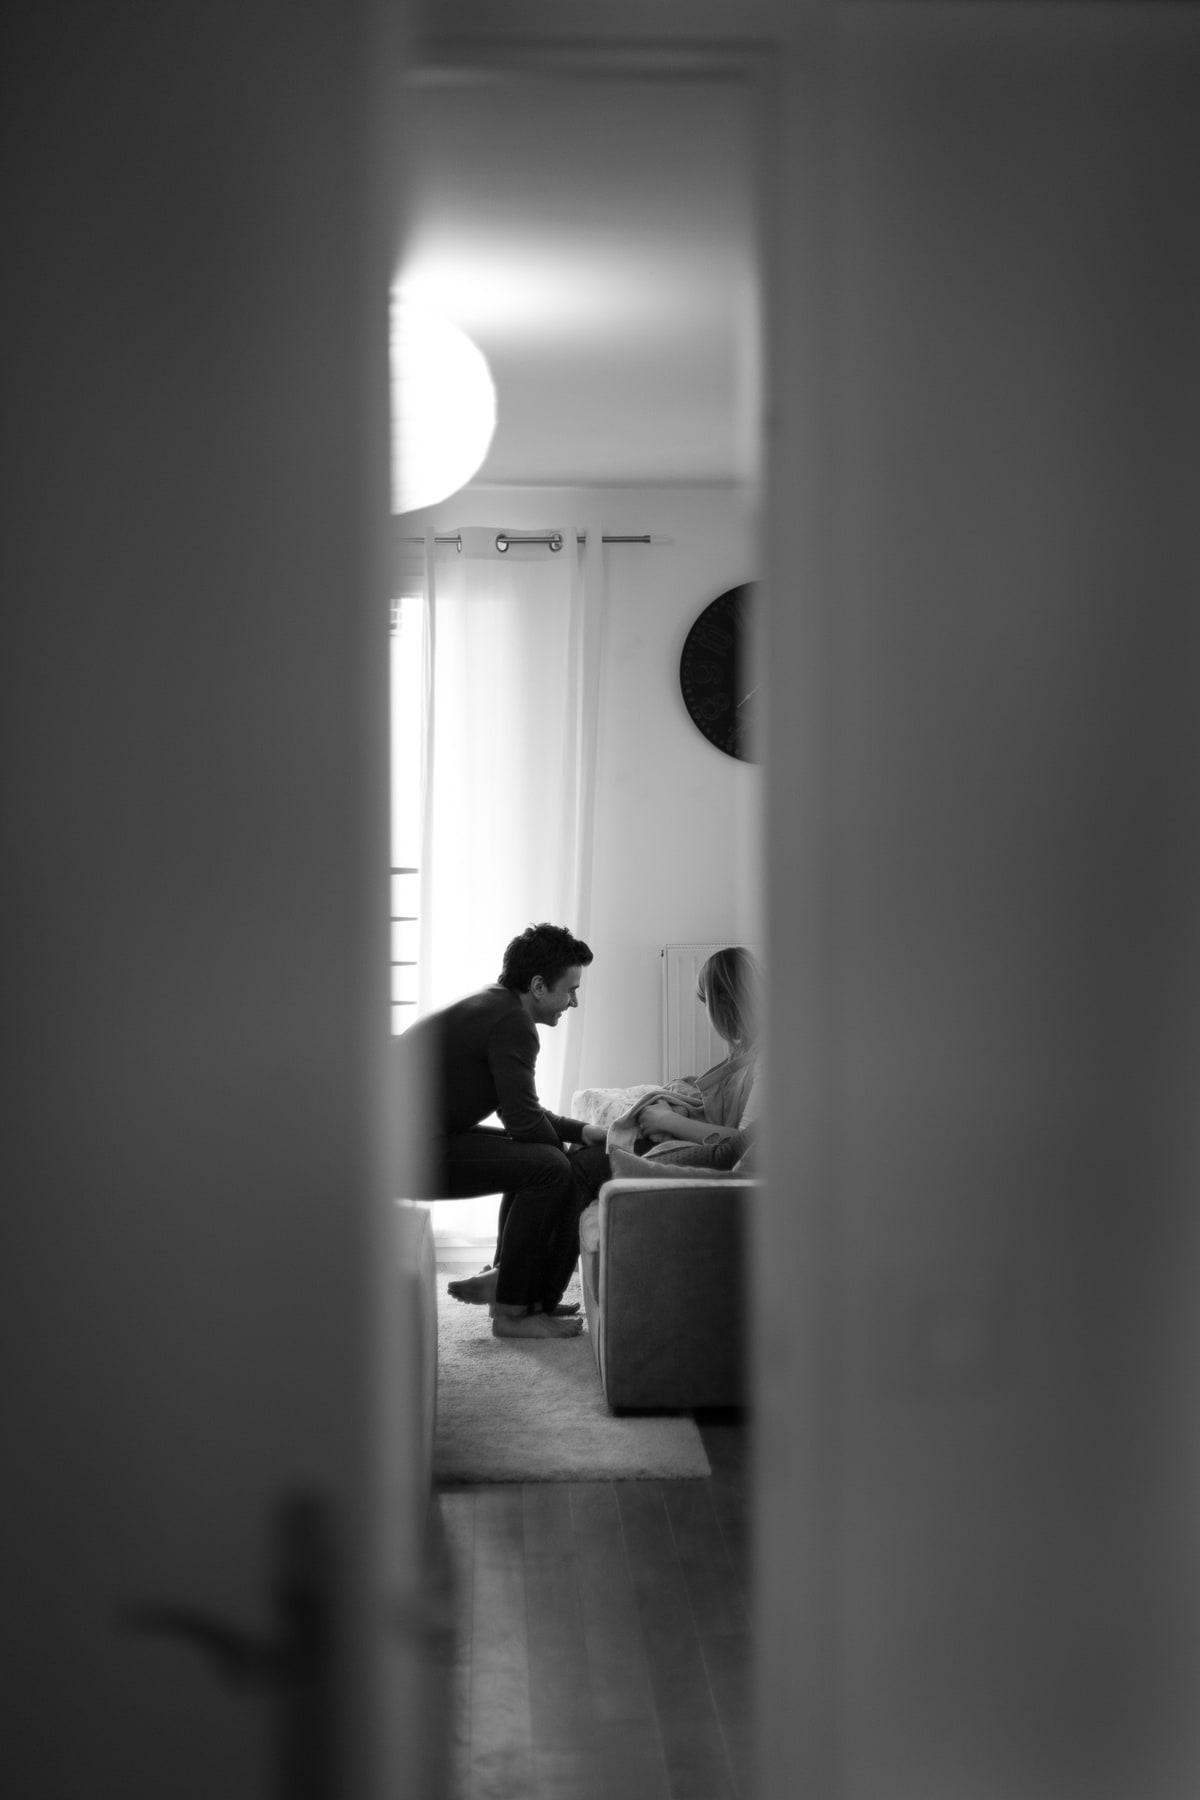 Séance lifestyle photographie de naissance. Accueil d'un nourrisson au sein du foyer